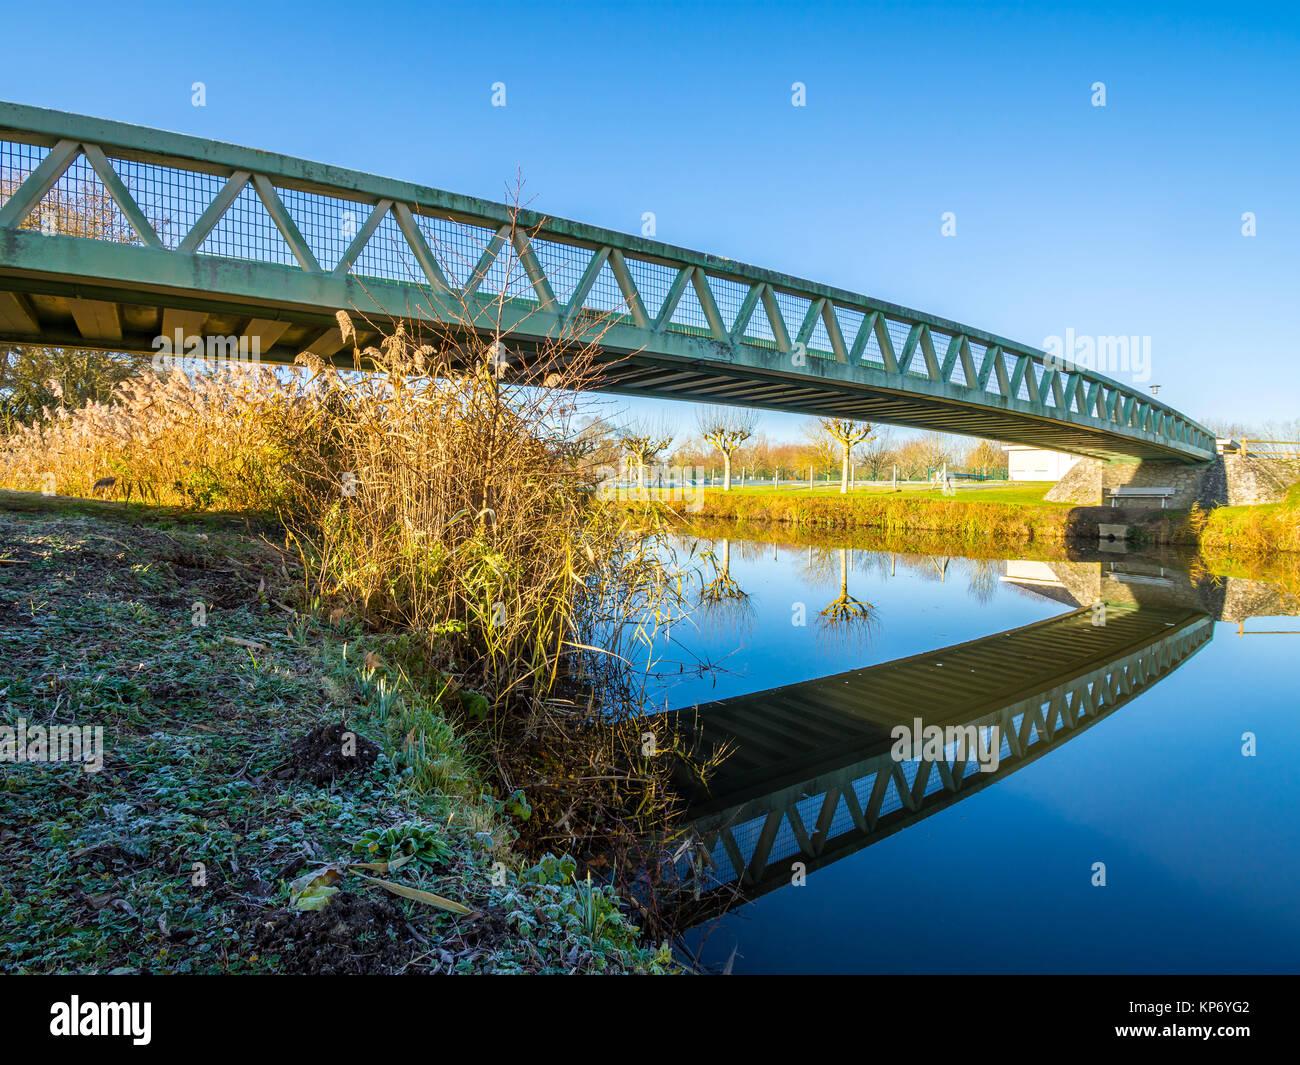 Public footbridge across river Claise, Preuilly-sur-Claise, France. - Stock Image